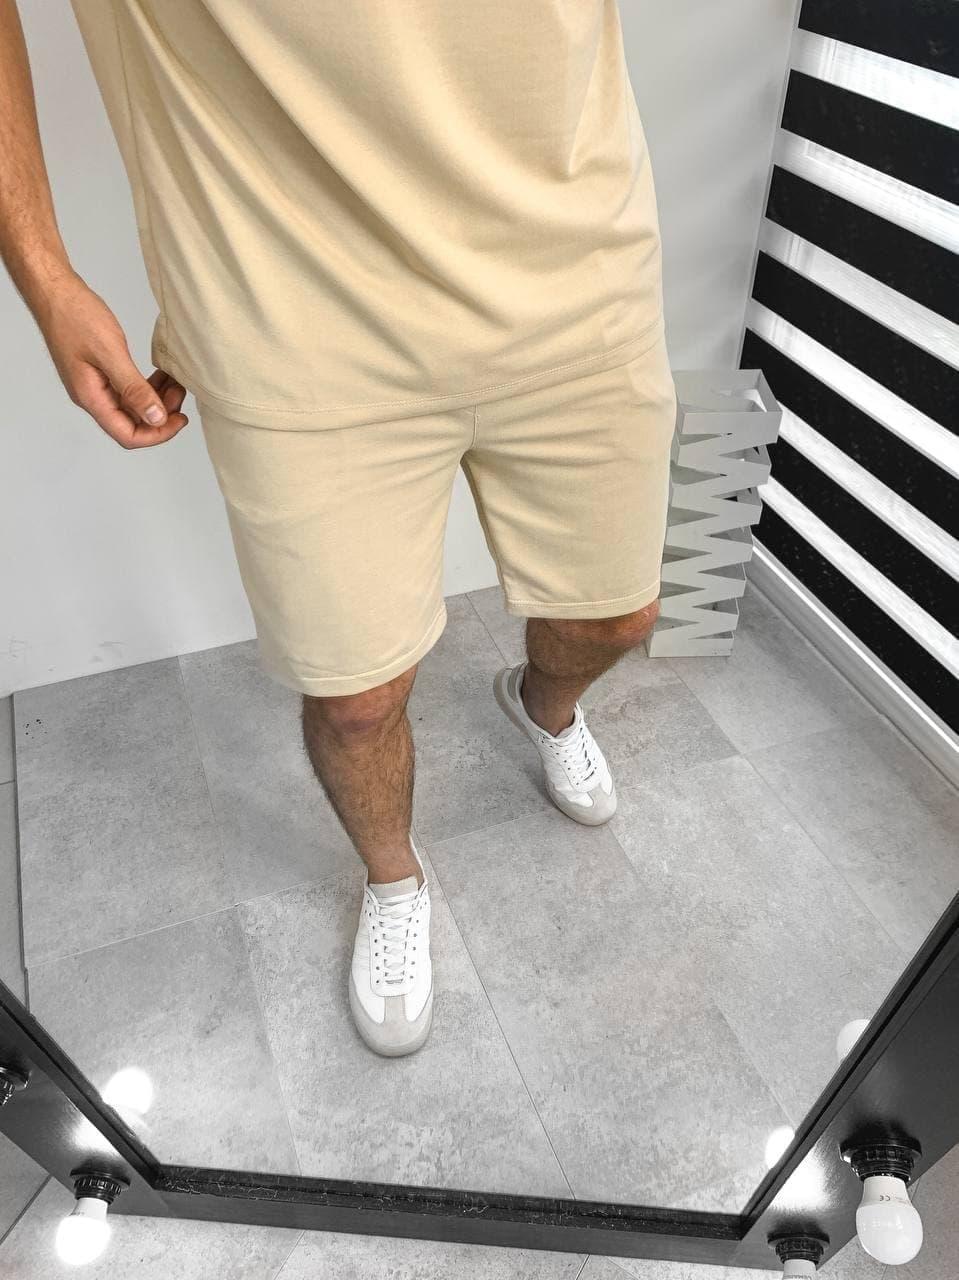 Чоловічий комплект шорти + футболка (бежевий) однотонний модний костюм A3119